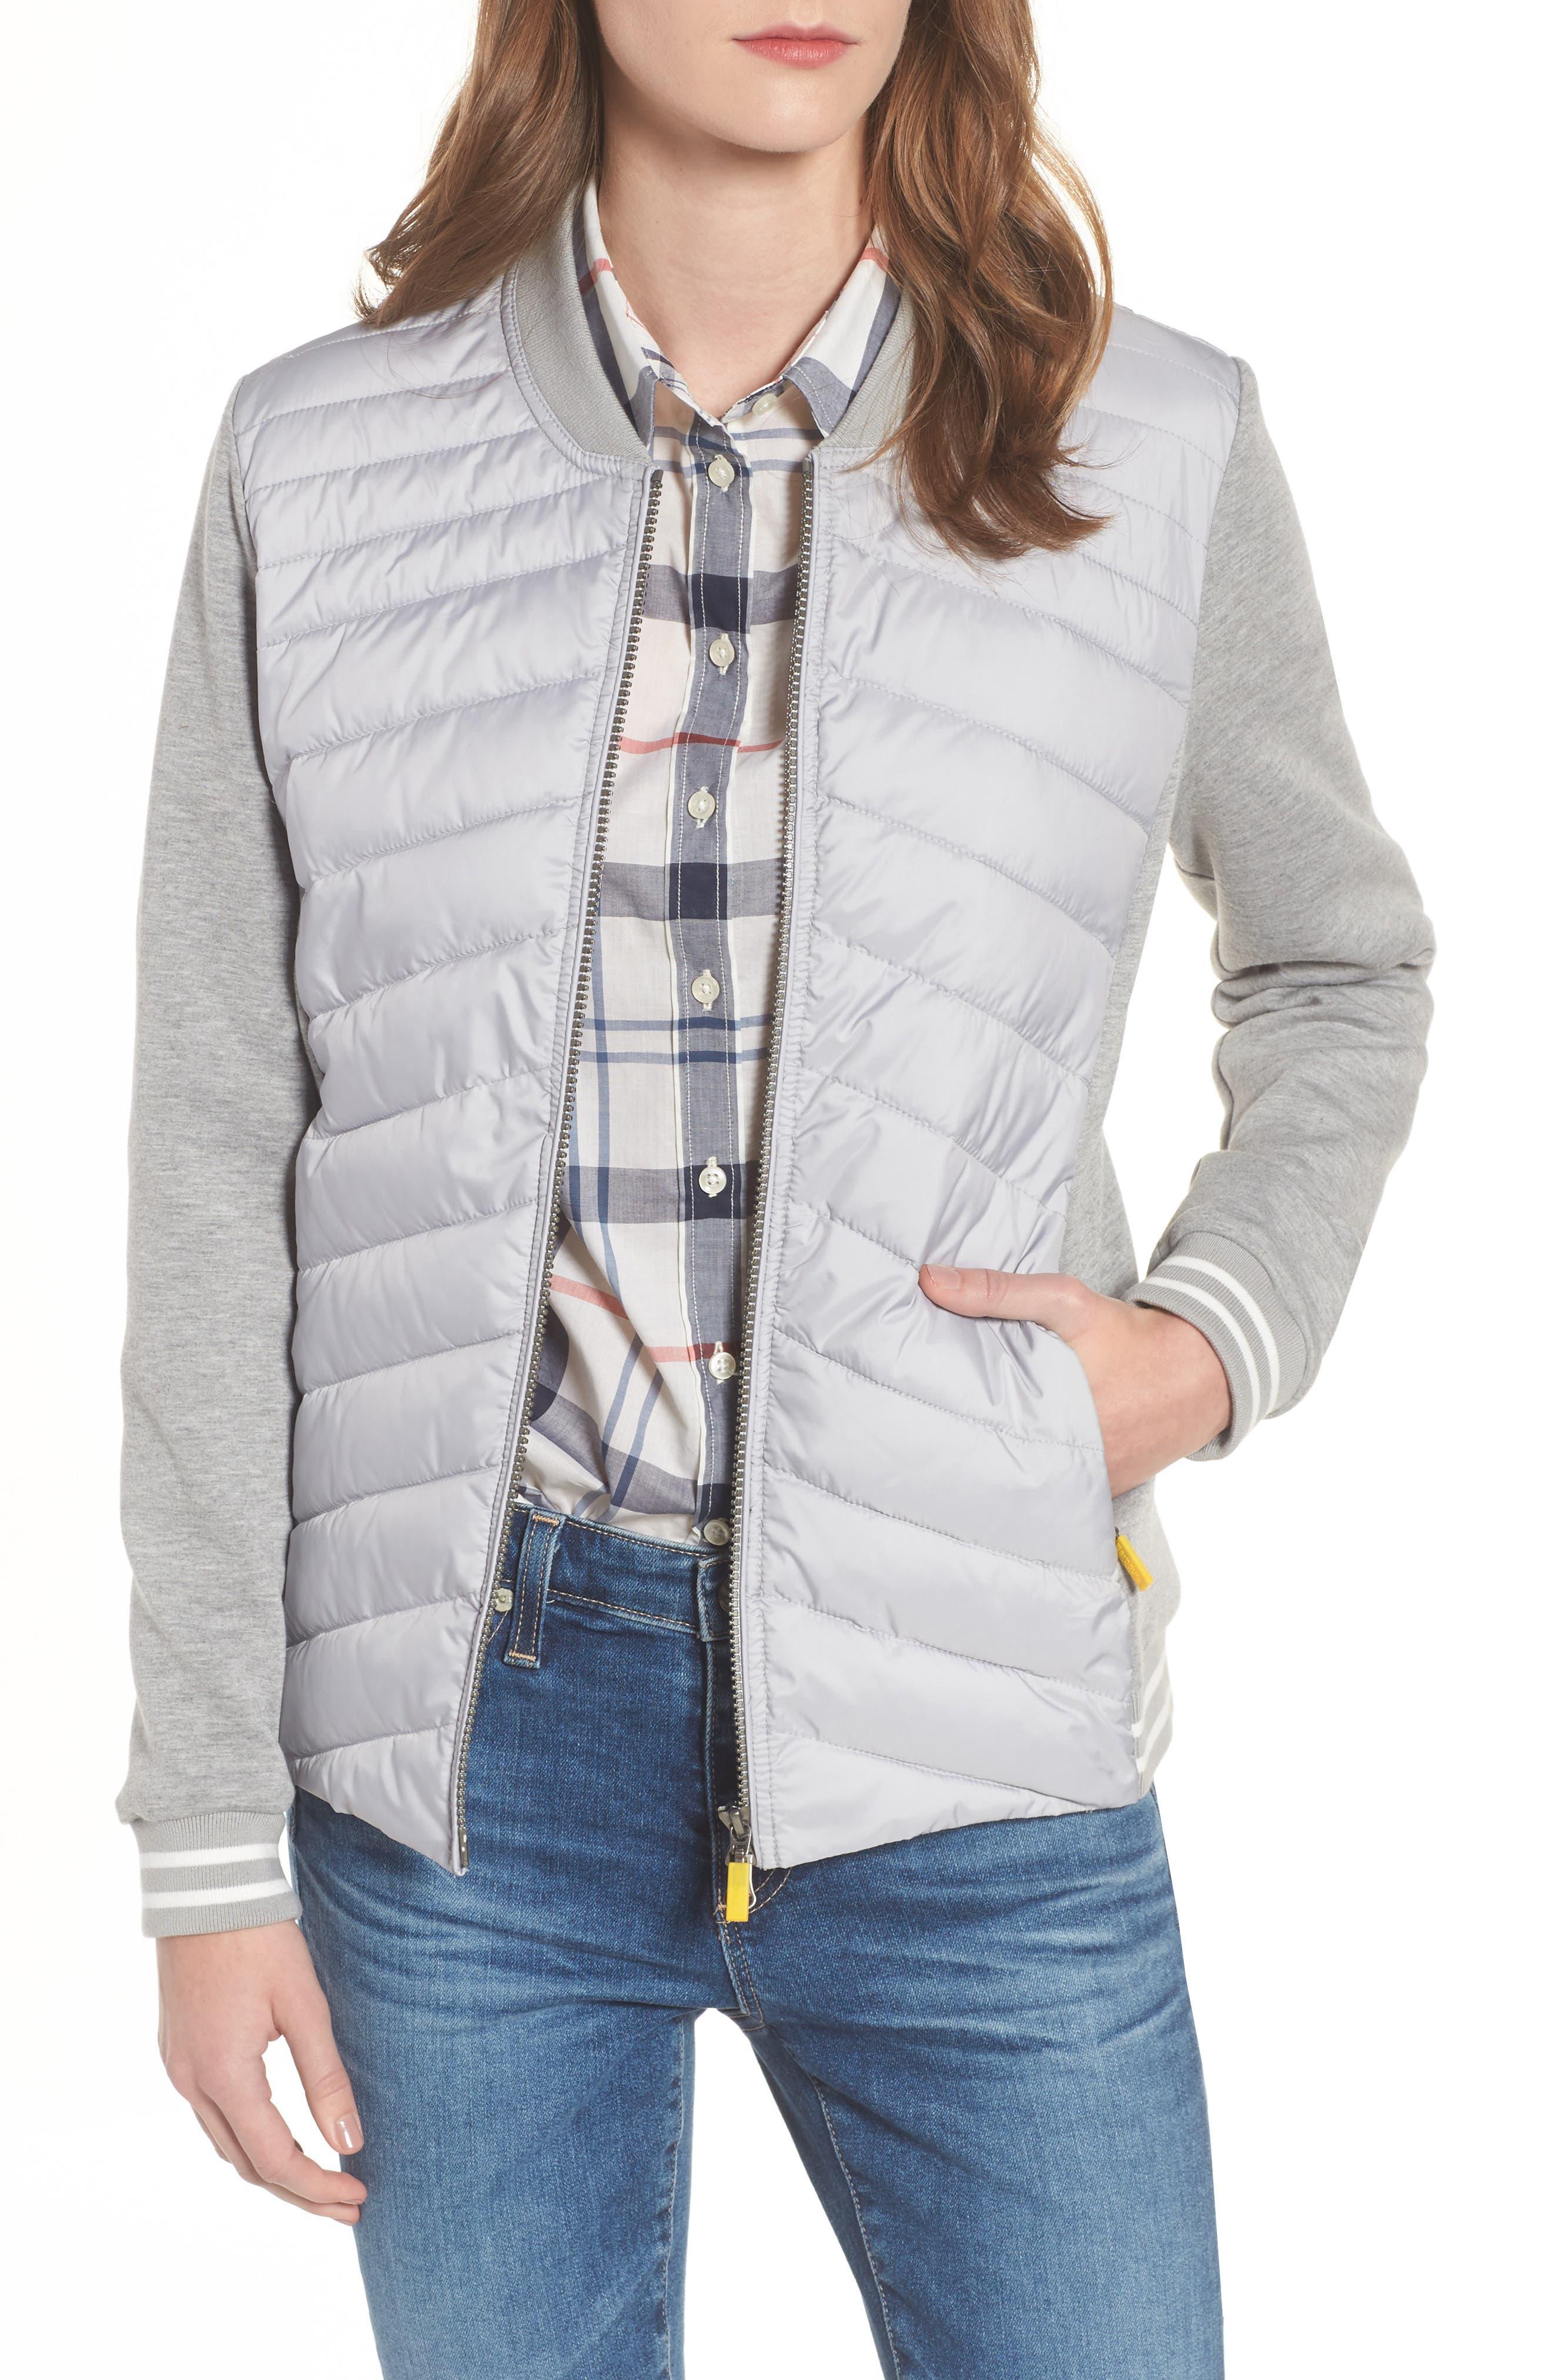 Barbour Pembrey Sweatshirt Jacket